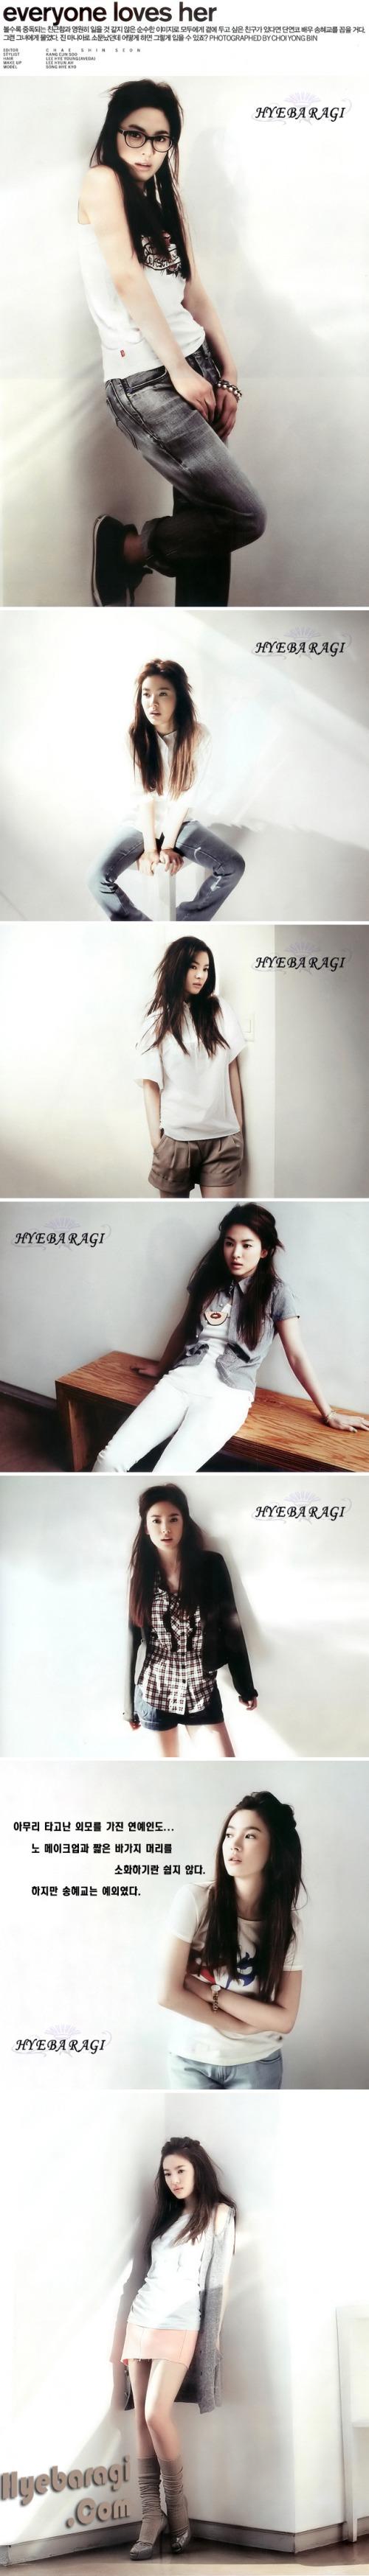 nylon_may_2009